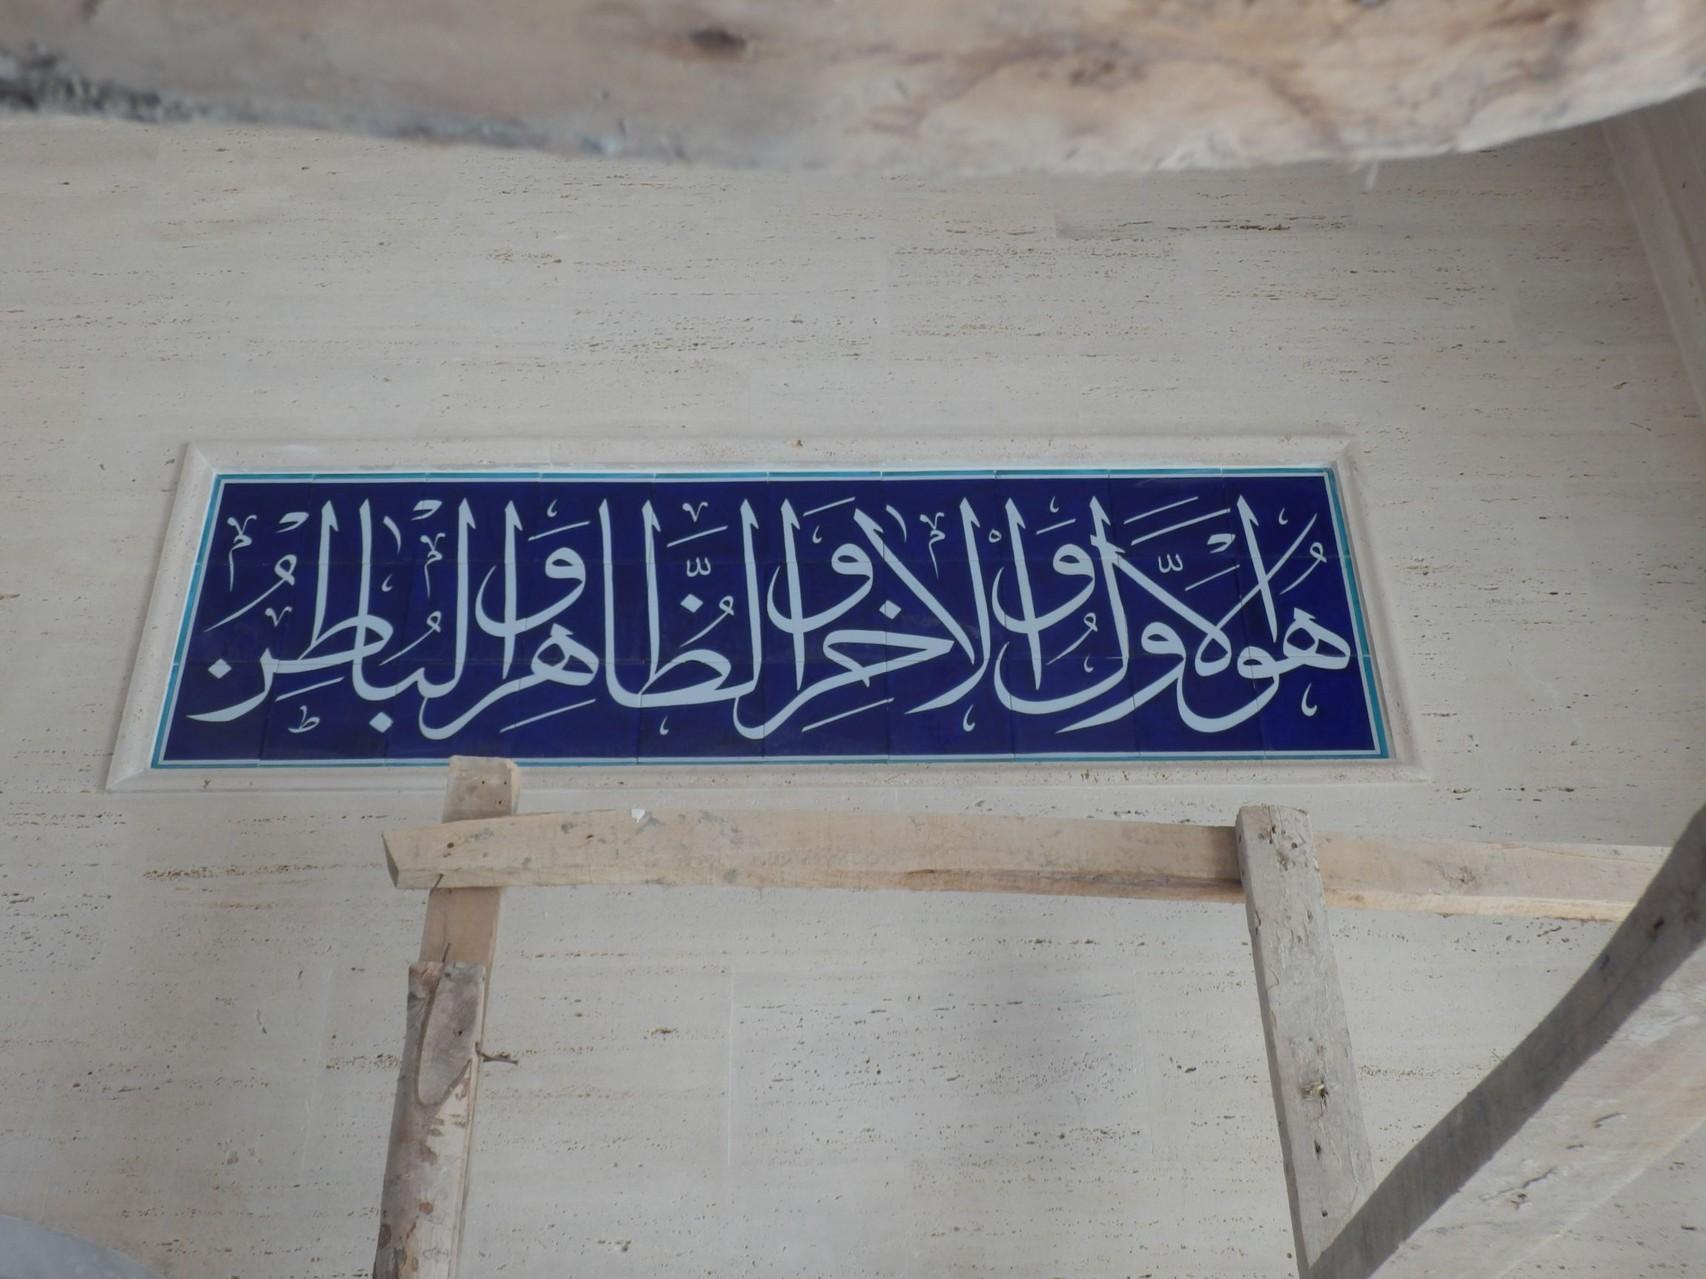 Tekst uit de Koran